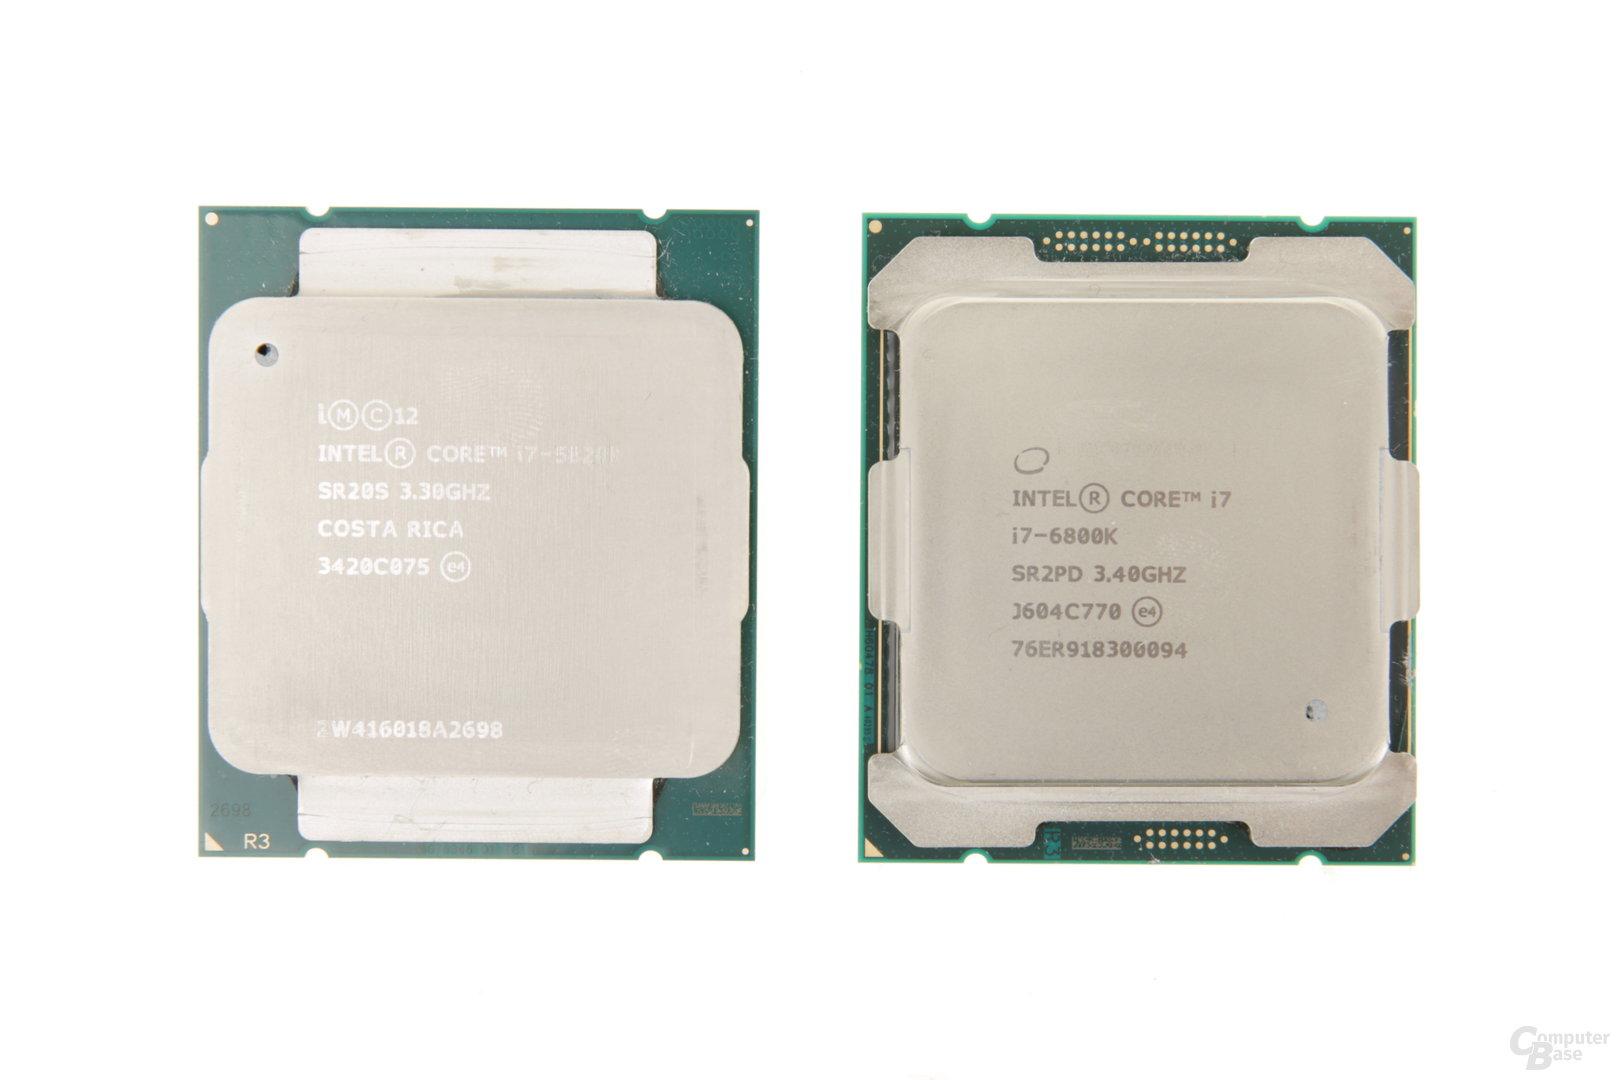 Der neue kleine Sechskerner Core i7-6800K ist wie der Vorgänger (links) bei PCIe beschnitten